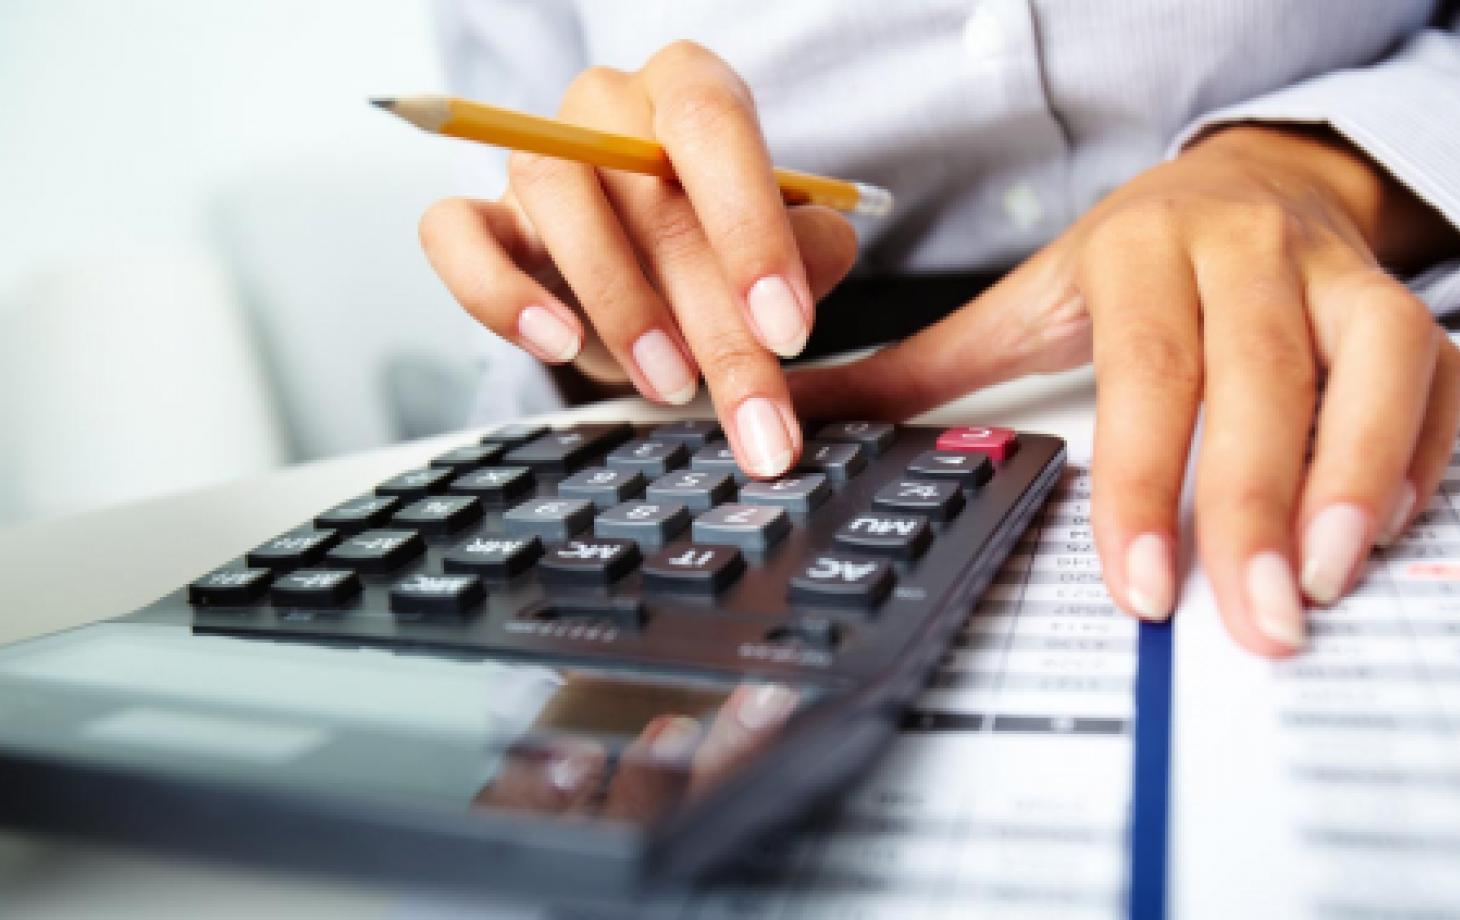 квитанция, платежи, долг, налоги